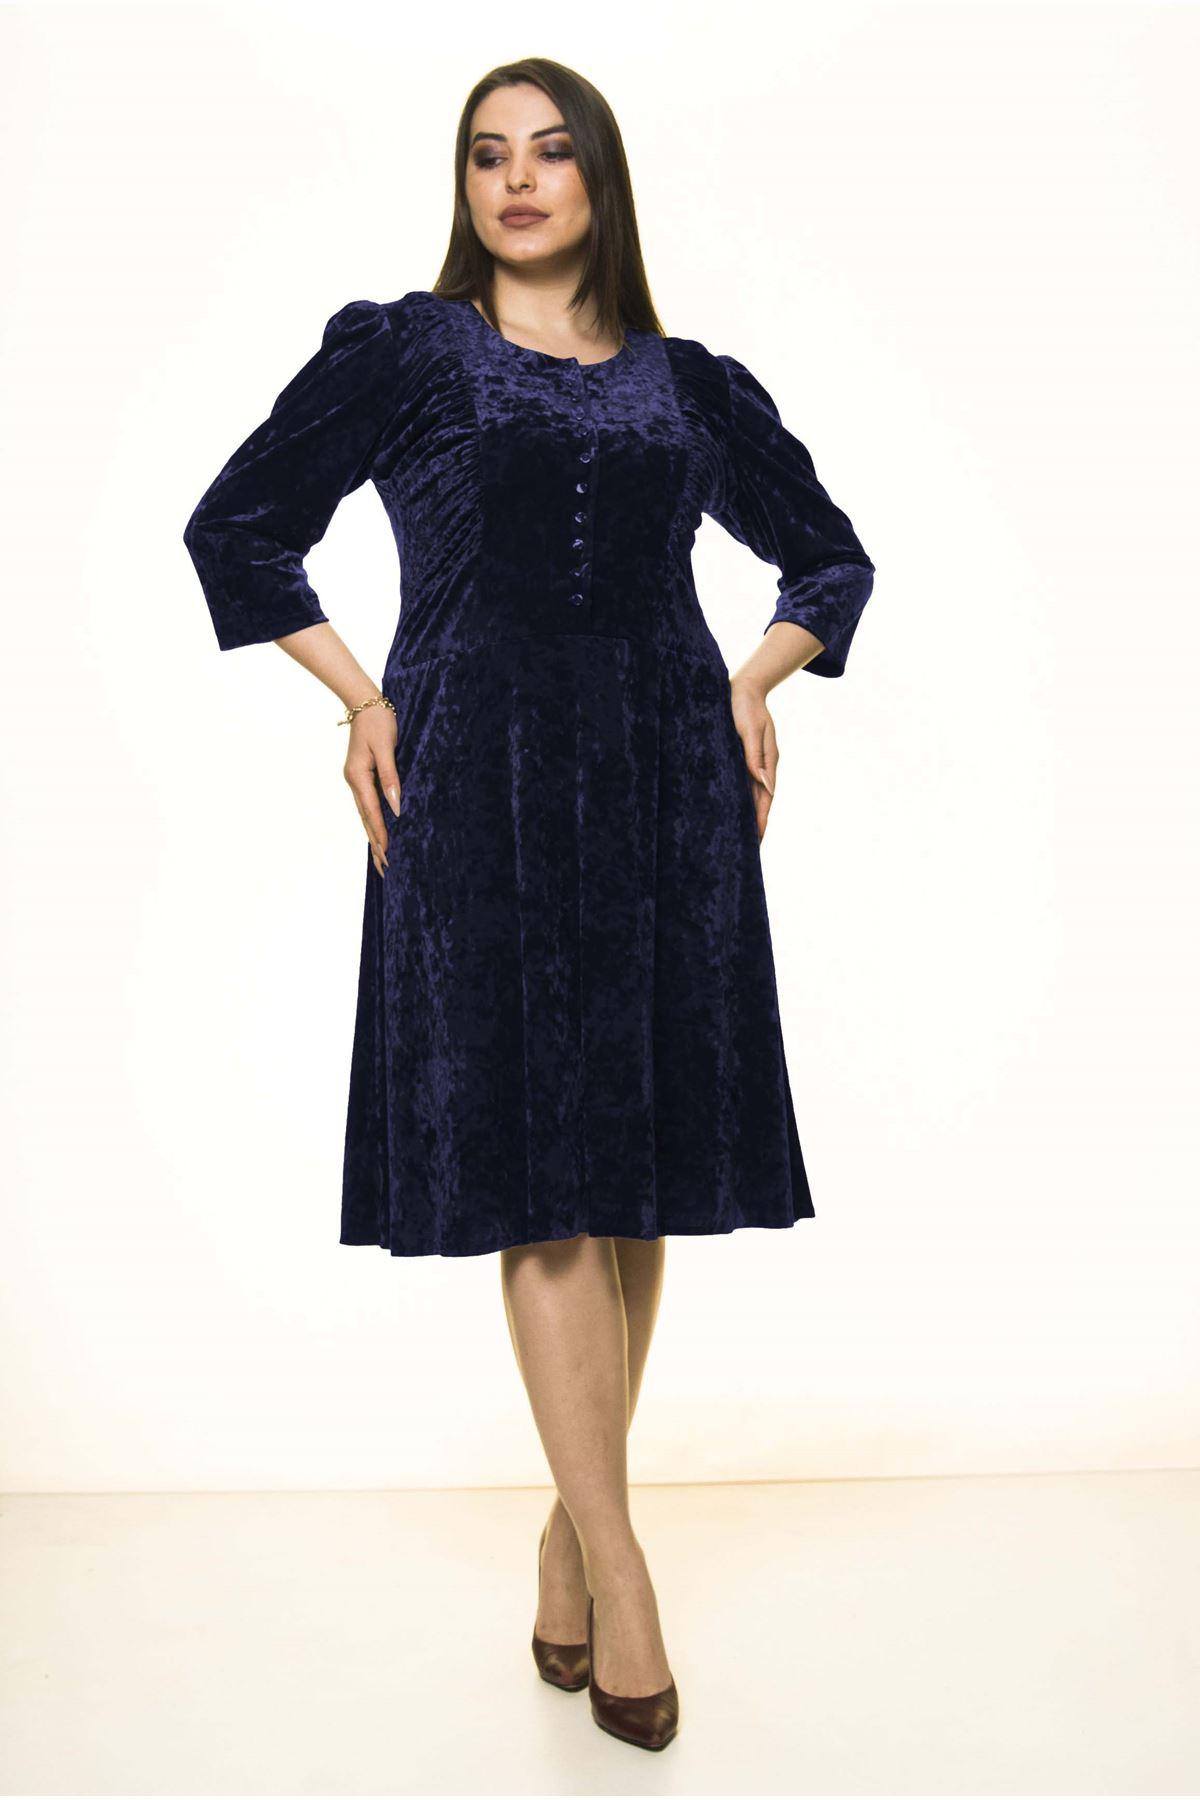 Lacivert Kadife Büyük Beden Elbise 10A-1581